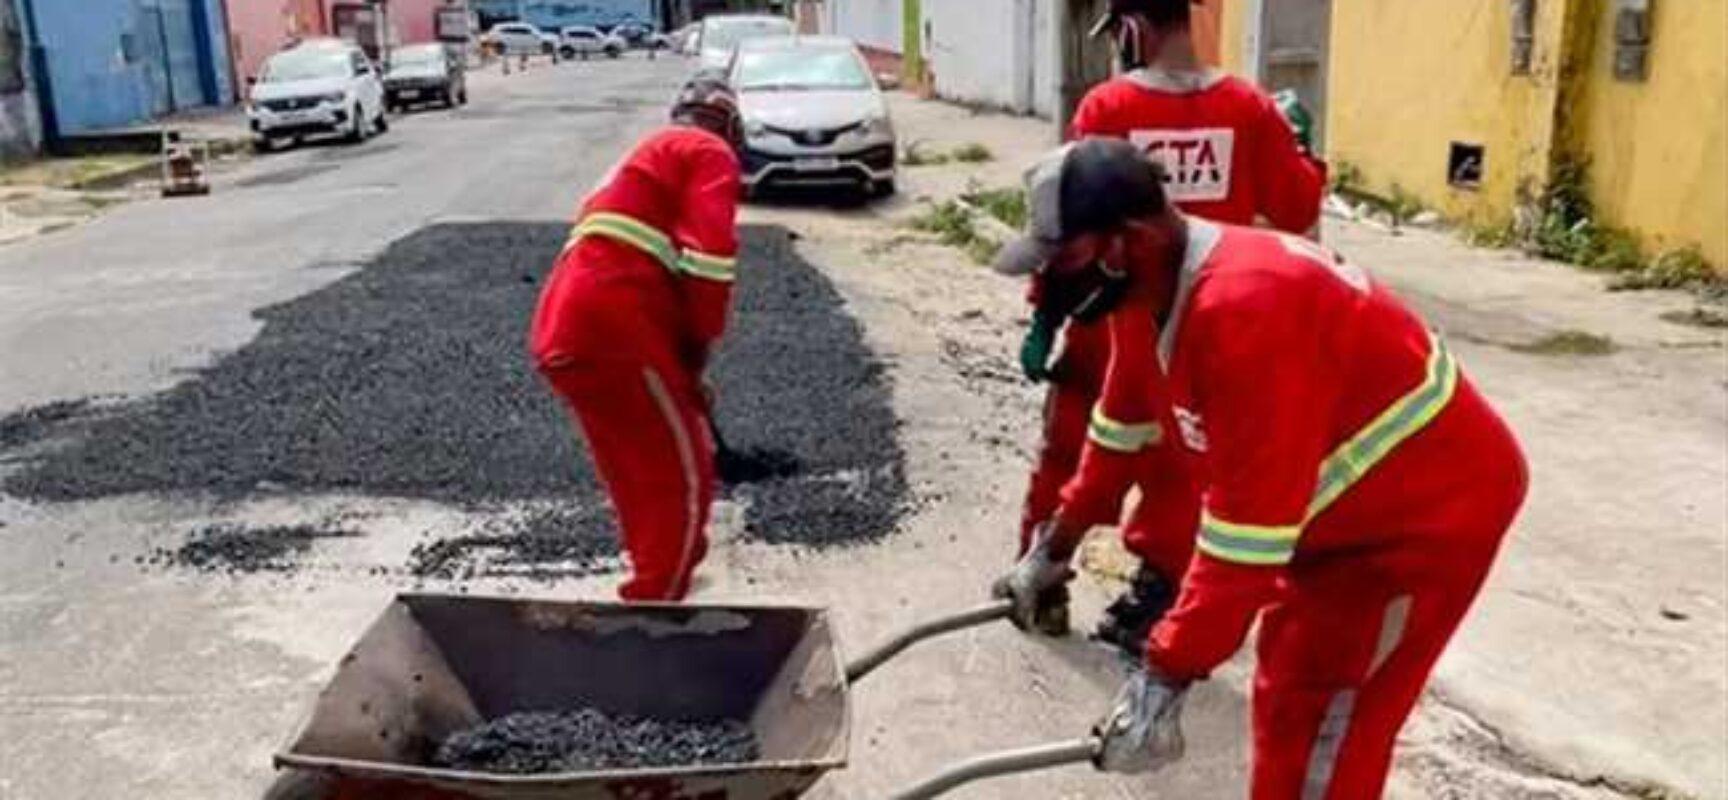 Operação tapa buracos é retomada para melhoria das vias urbanas de Ilhéus